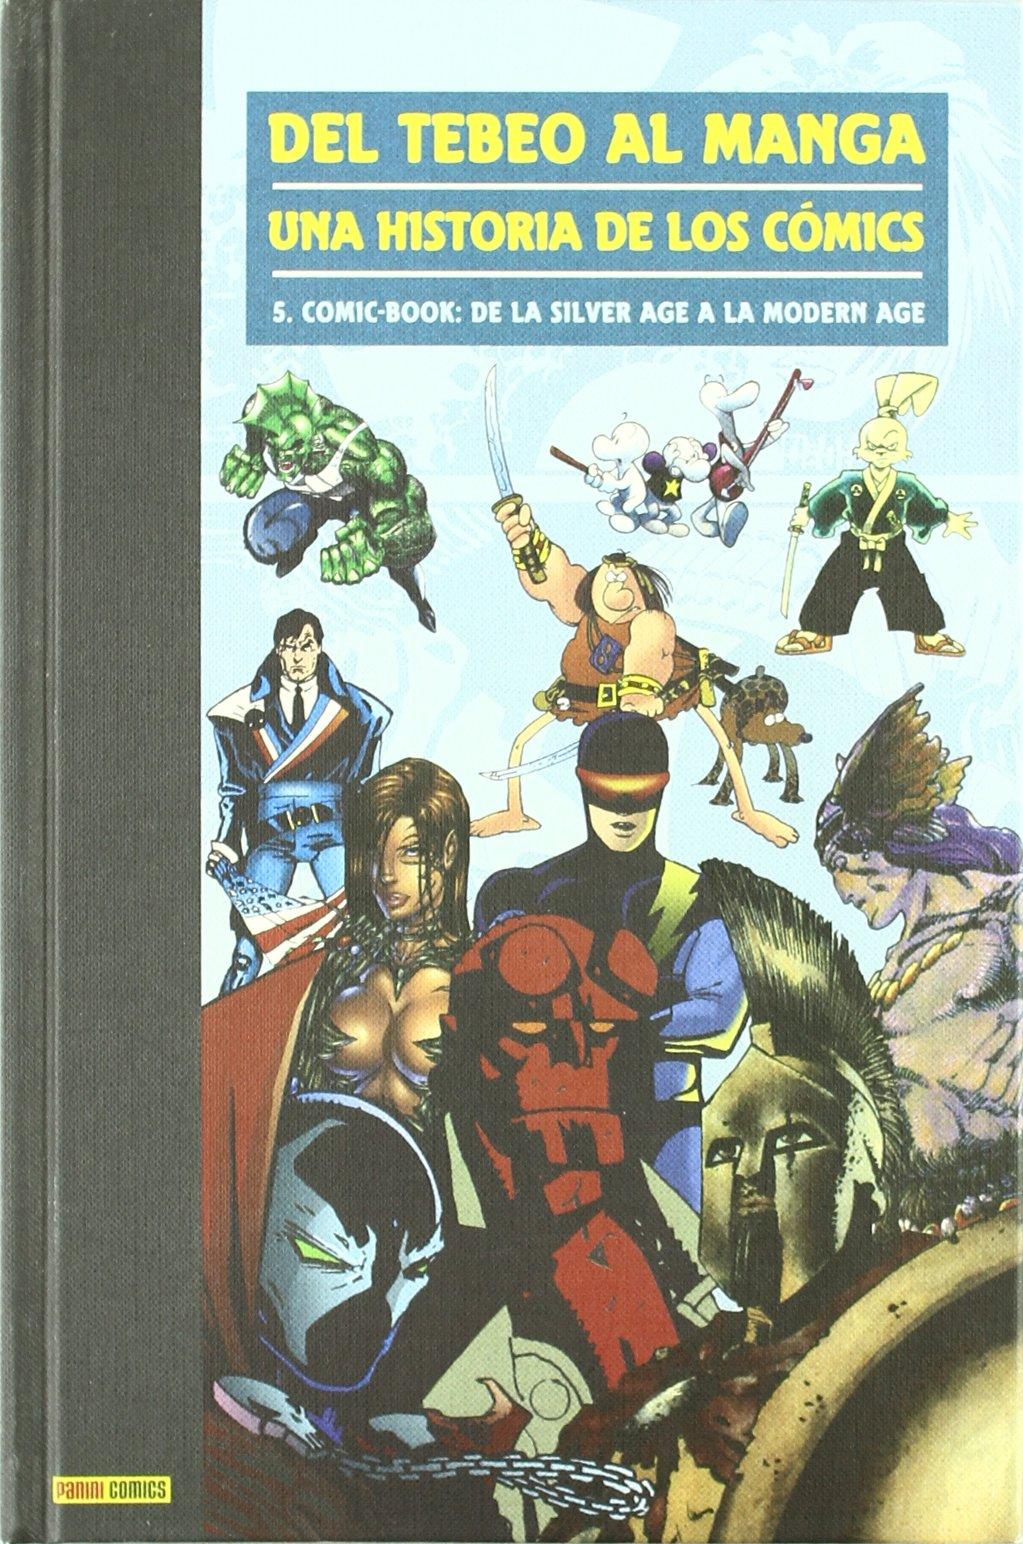 Del Tebeo Al Manga. Una Historia De Los Cómics 5. Comic-Book: De ...